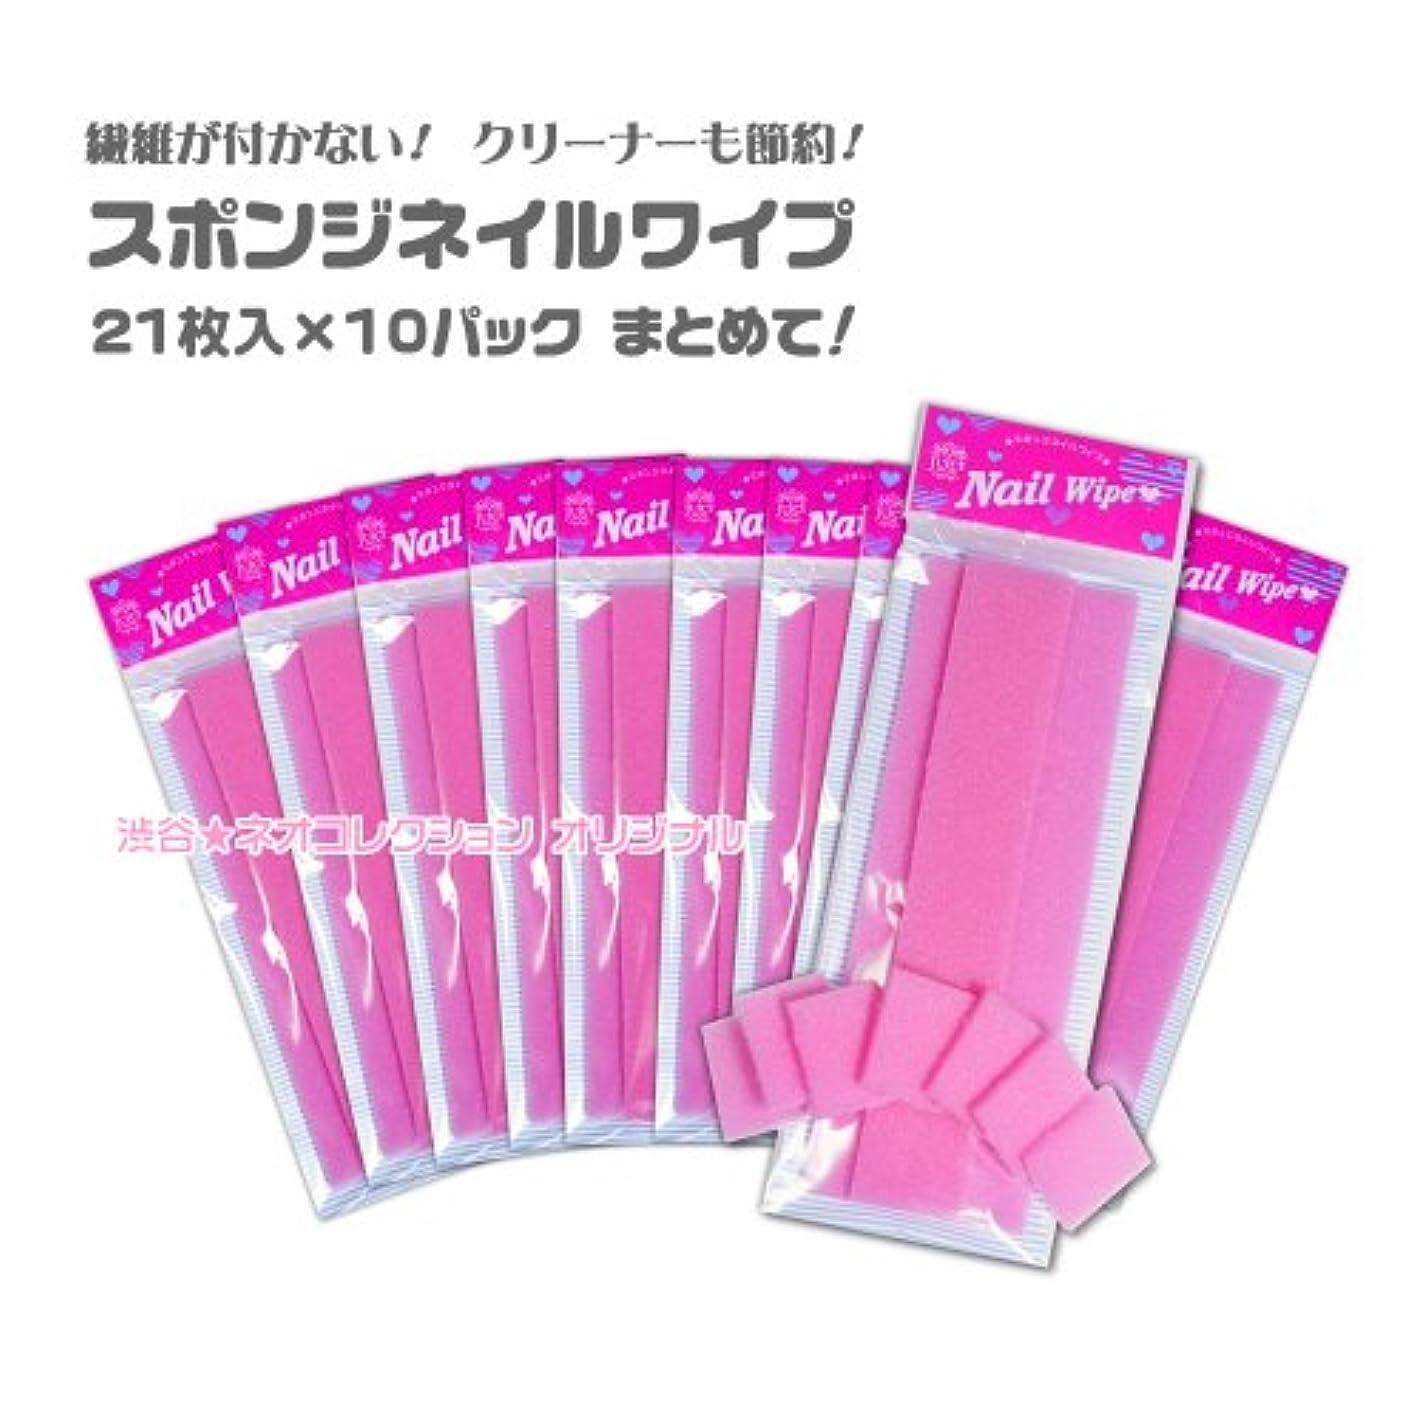 分数調停する愛情深い未硬化ジェルの拭き取りに ネイルワイプ 21枚×10パック スポンジワイプジェルクリーナーと一緒に使用